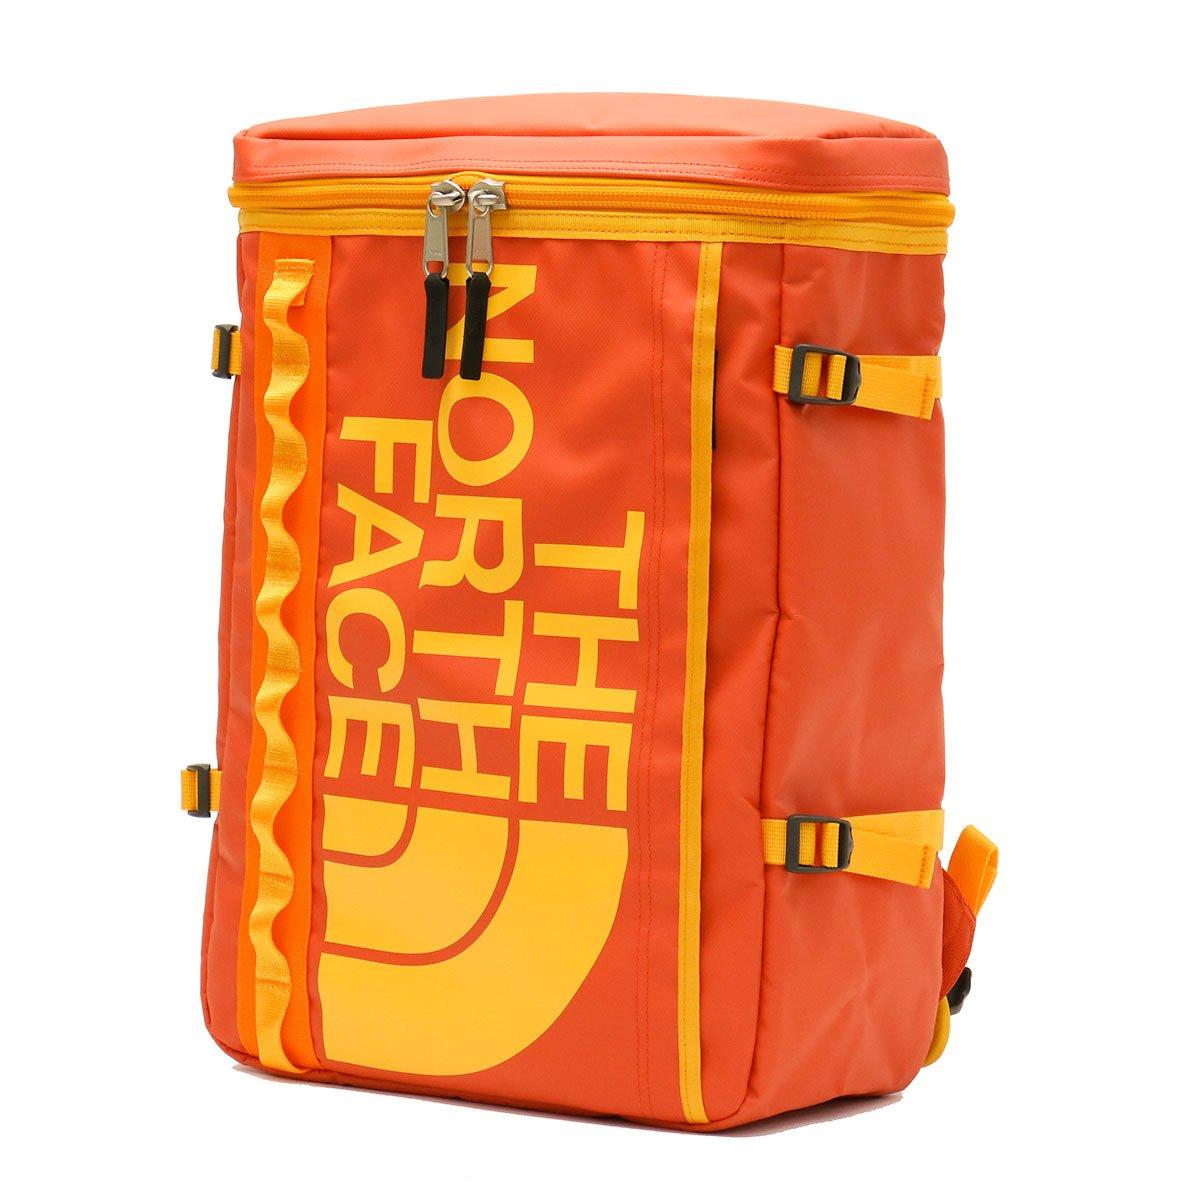 [ザノースフェイス] リュック BC FUSE BOX NM81630 B06WV9SGPT チベタンオレンジ(TO) チベタンオレンジ(TO)